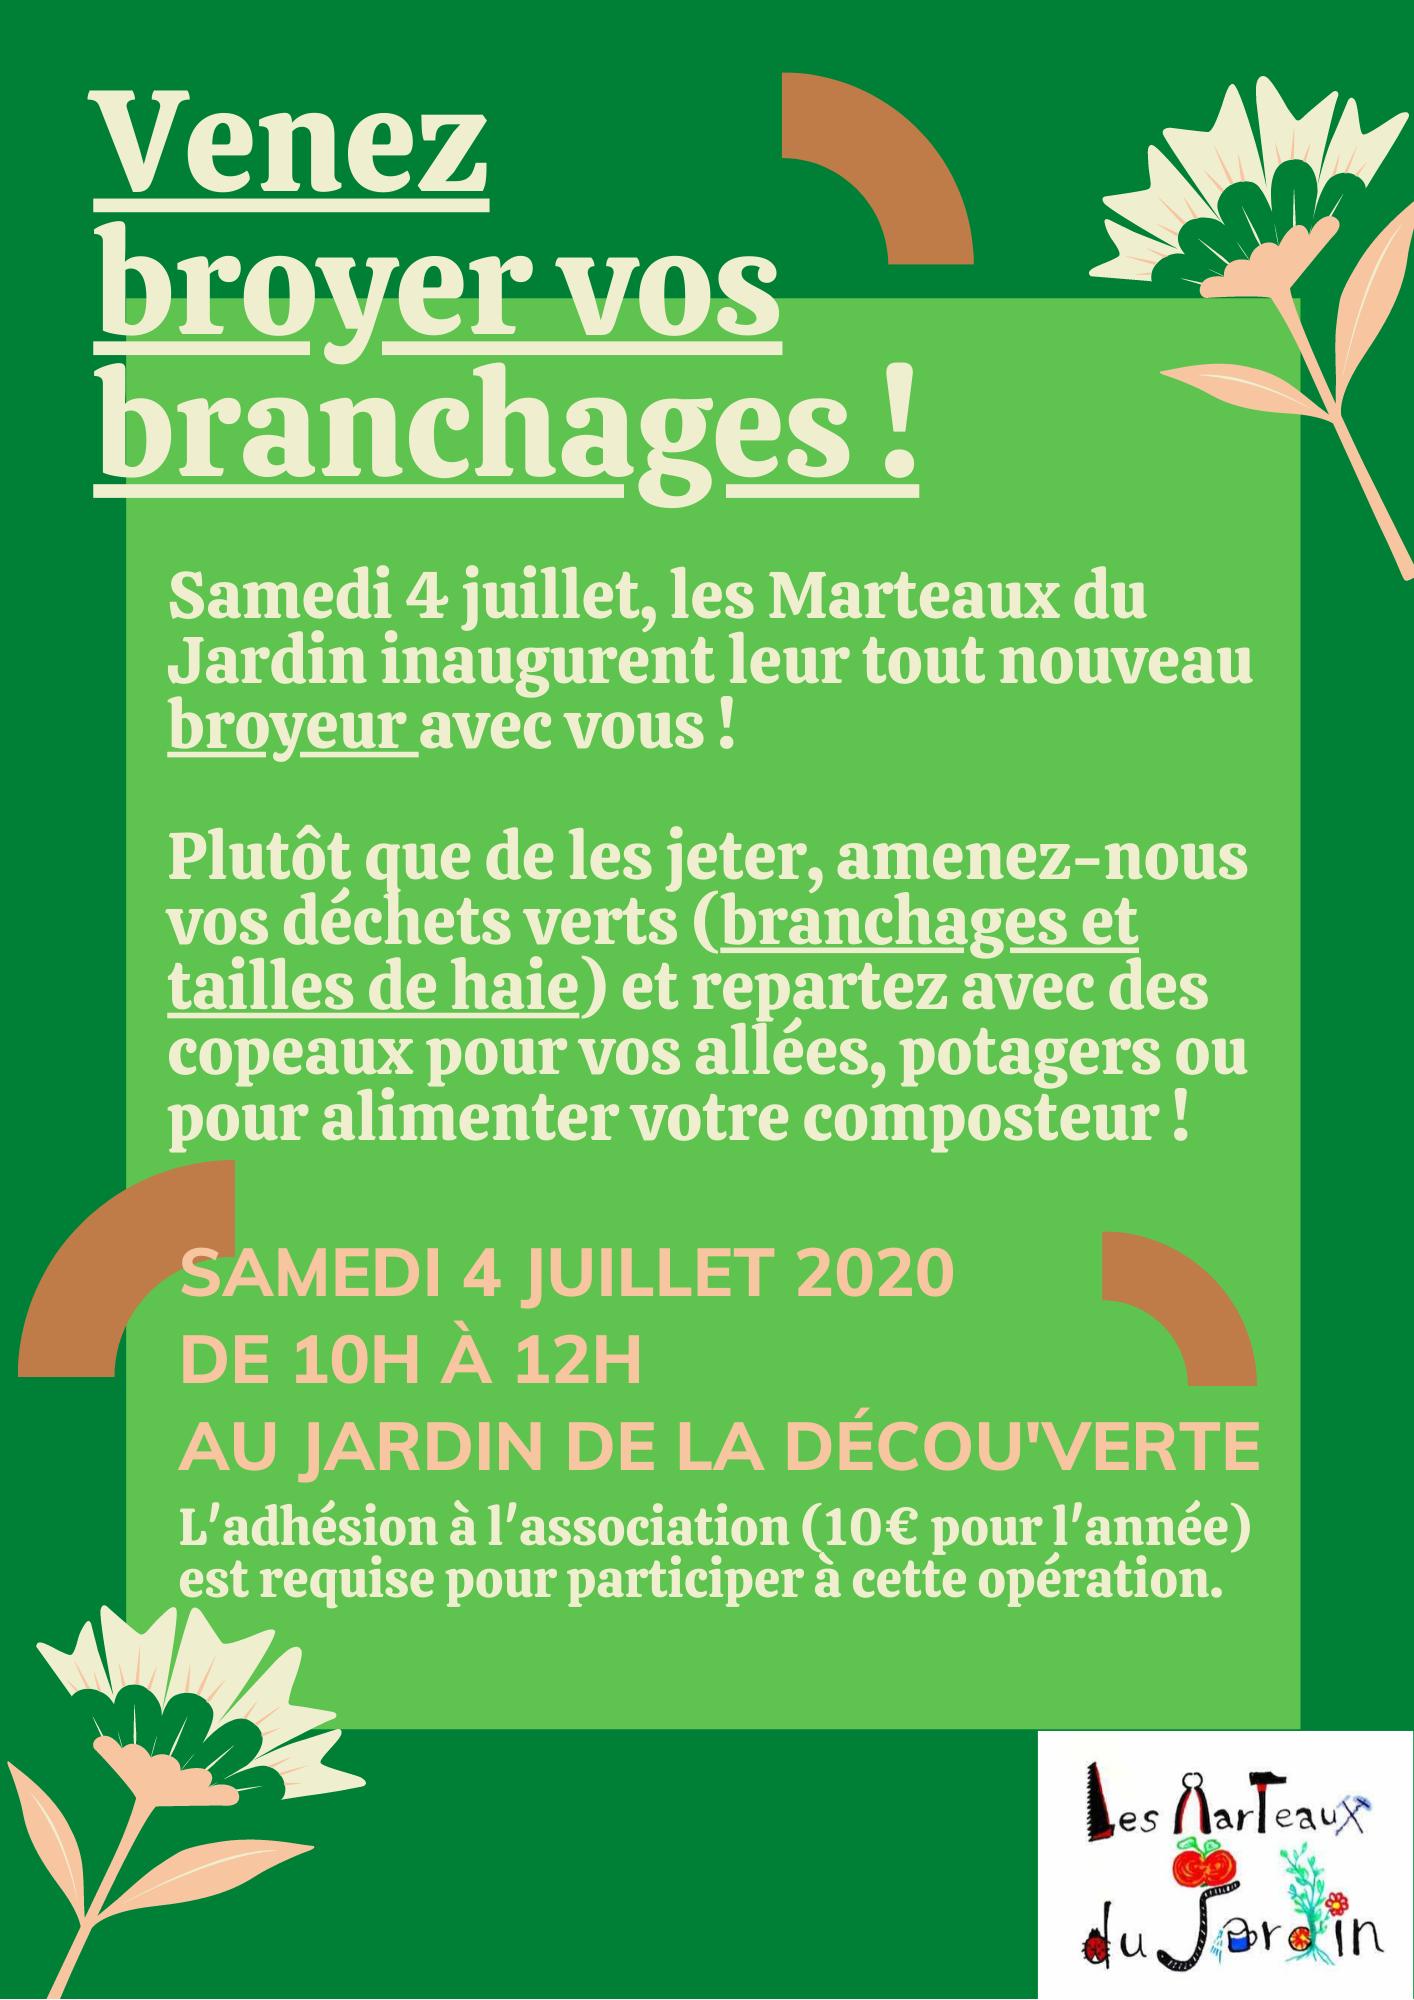 [La Déc'] Opération broyage 4 juillet 2020 par Les Marteaux du Jardin